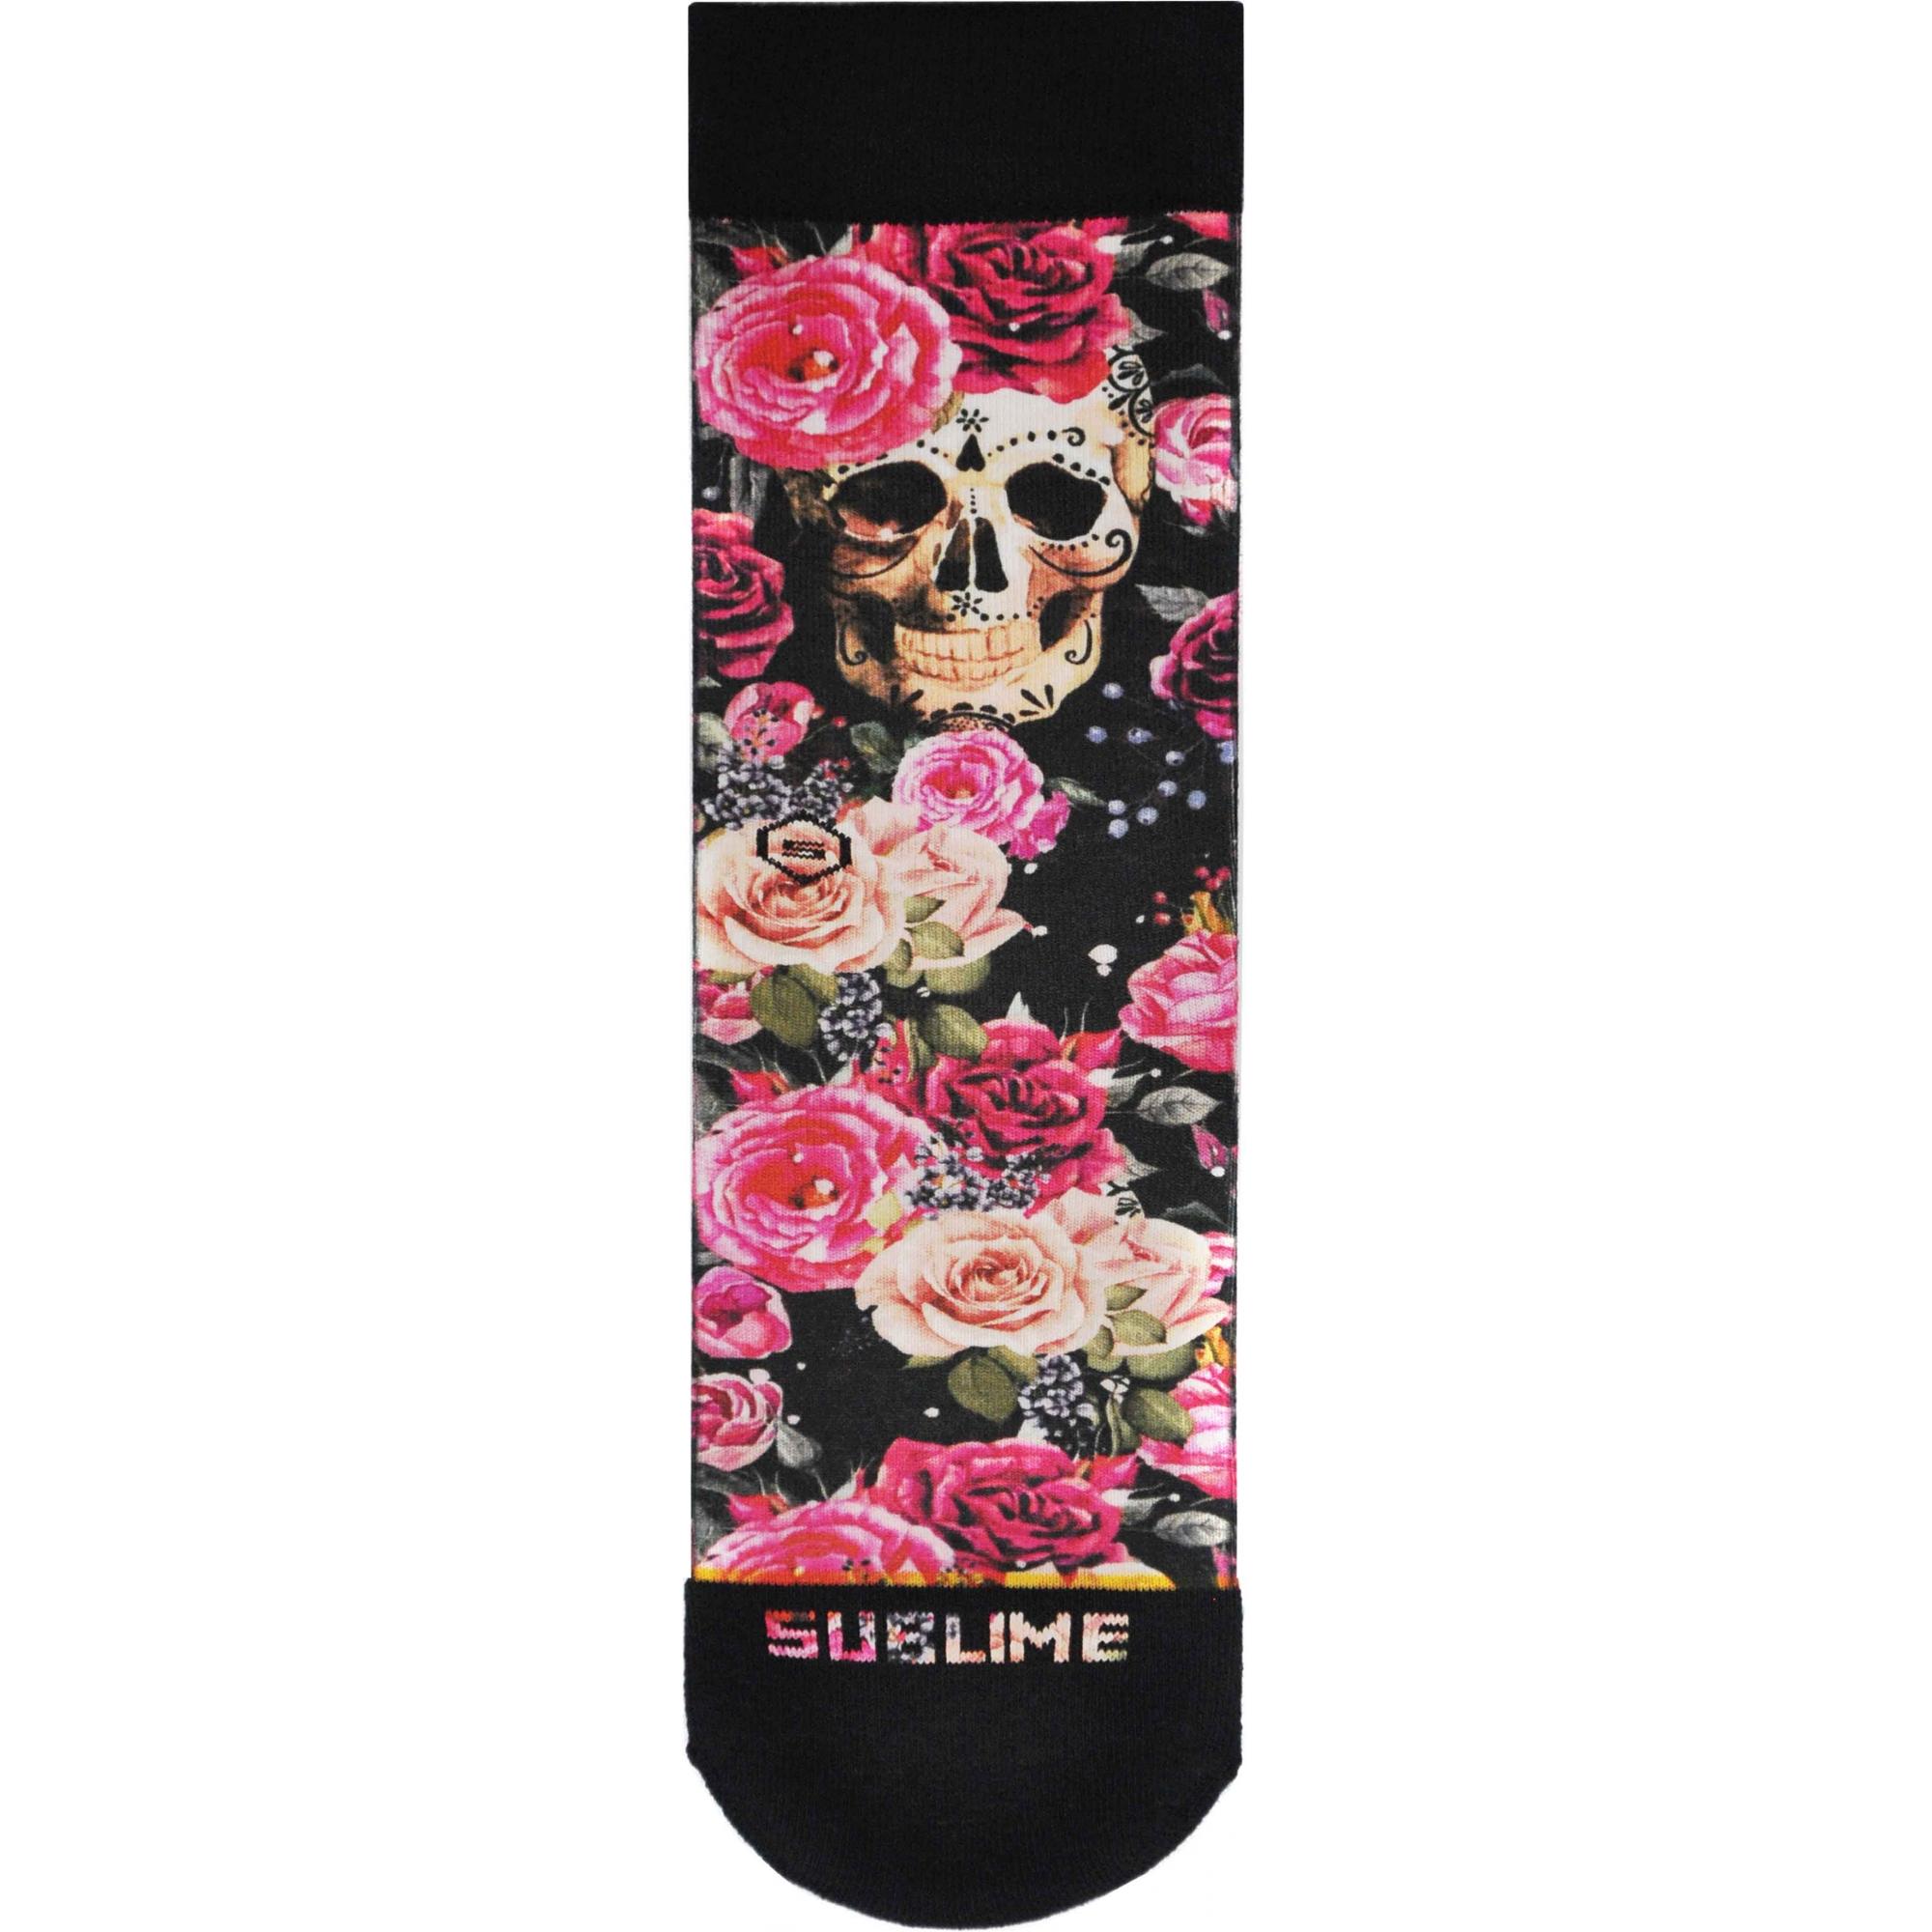 Meia Sublime Skull Roses